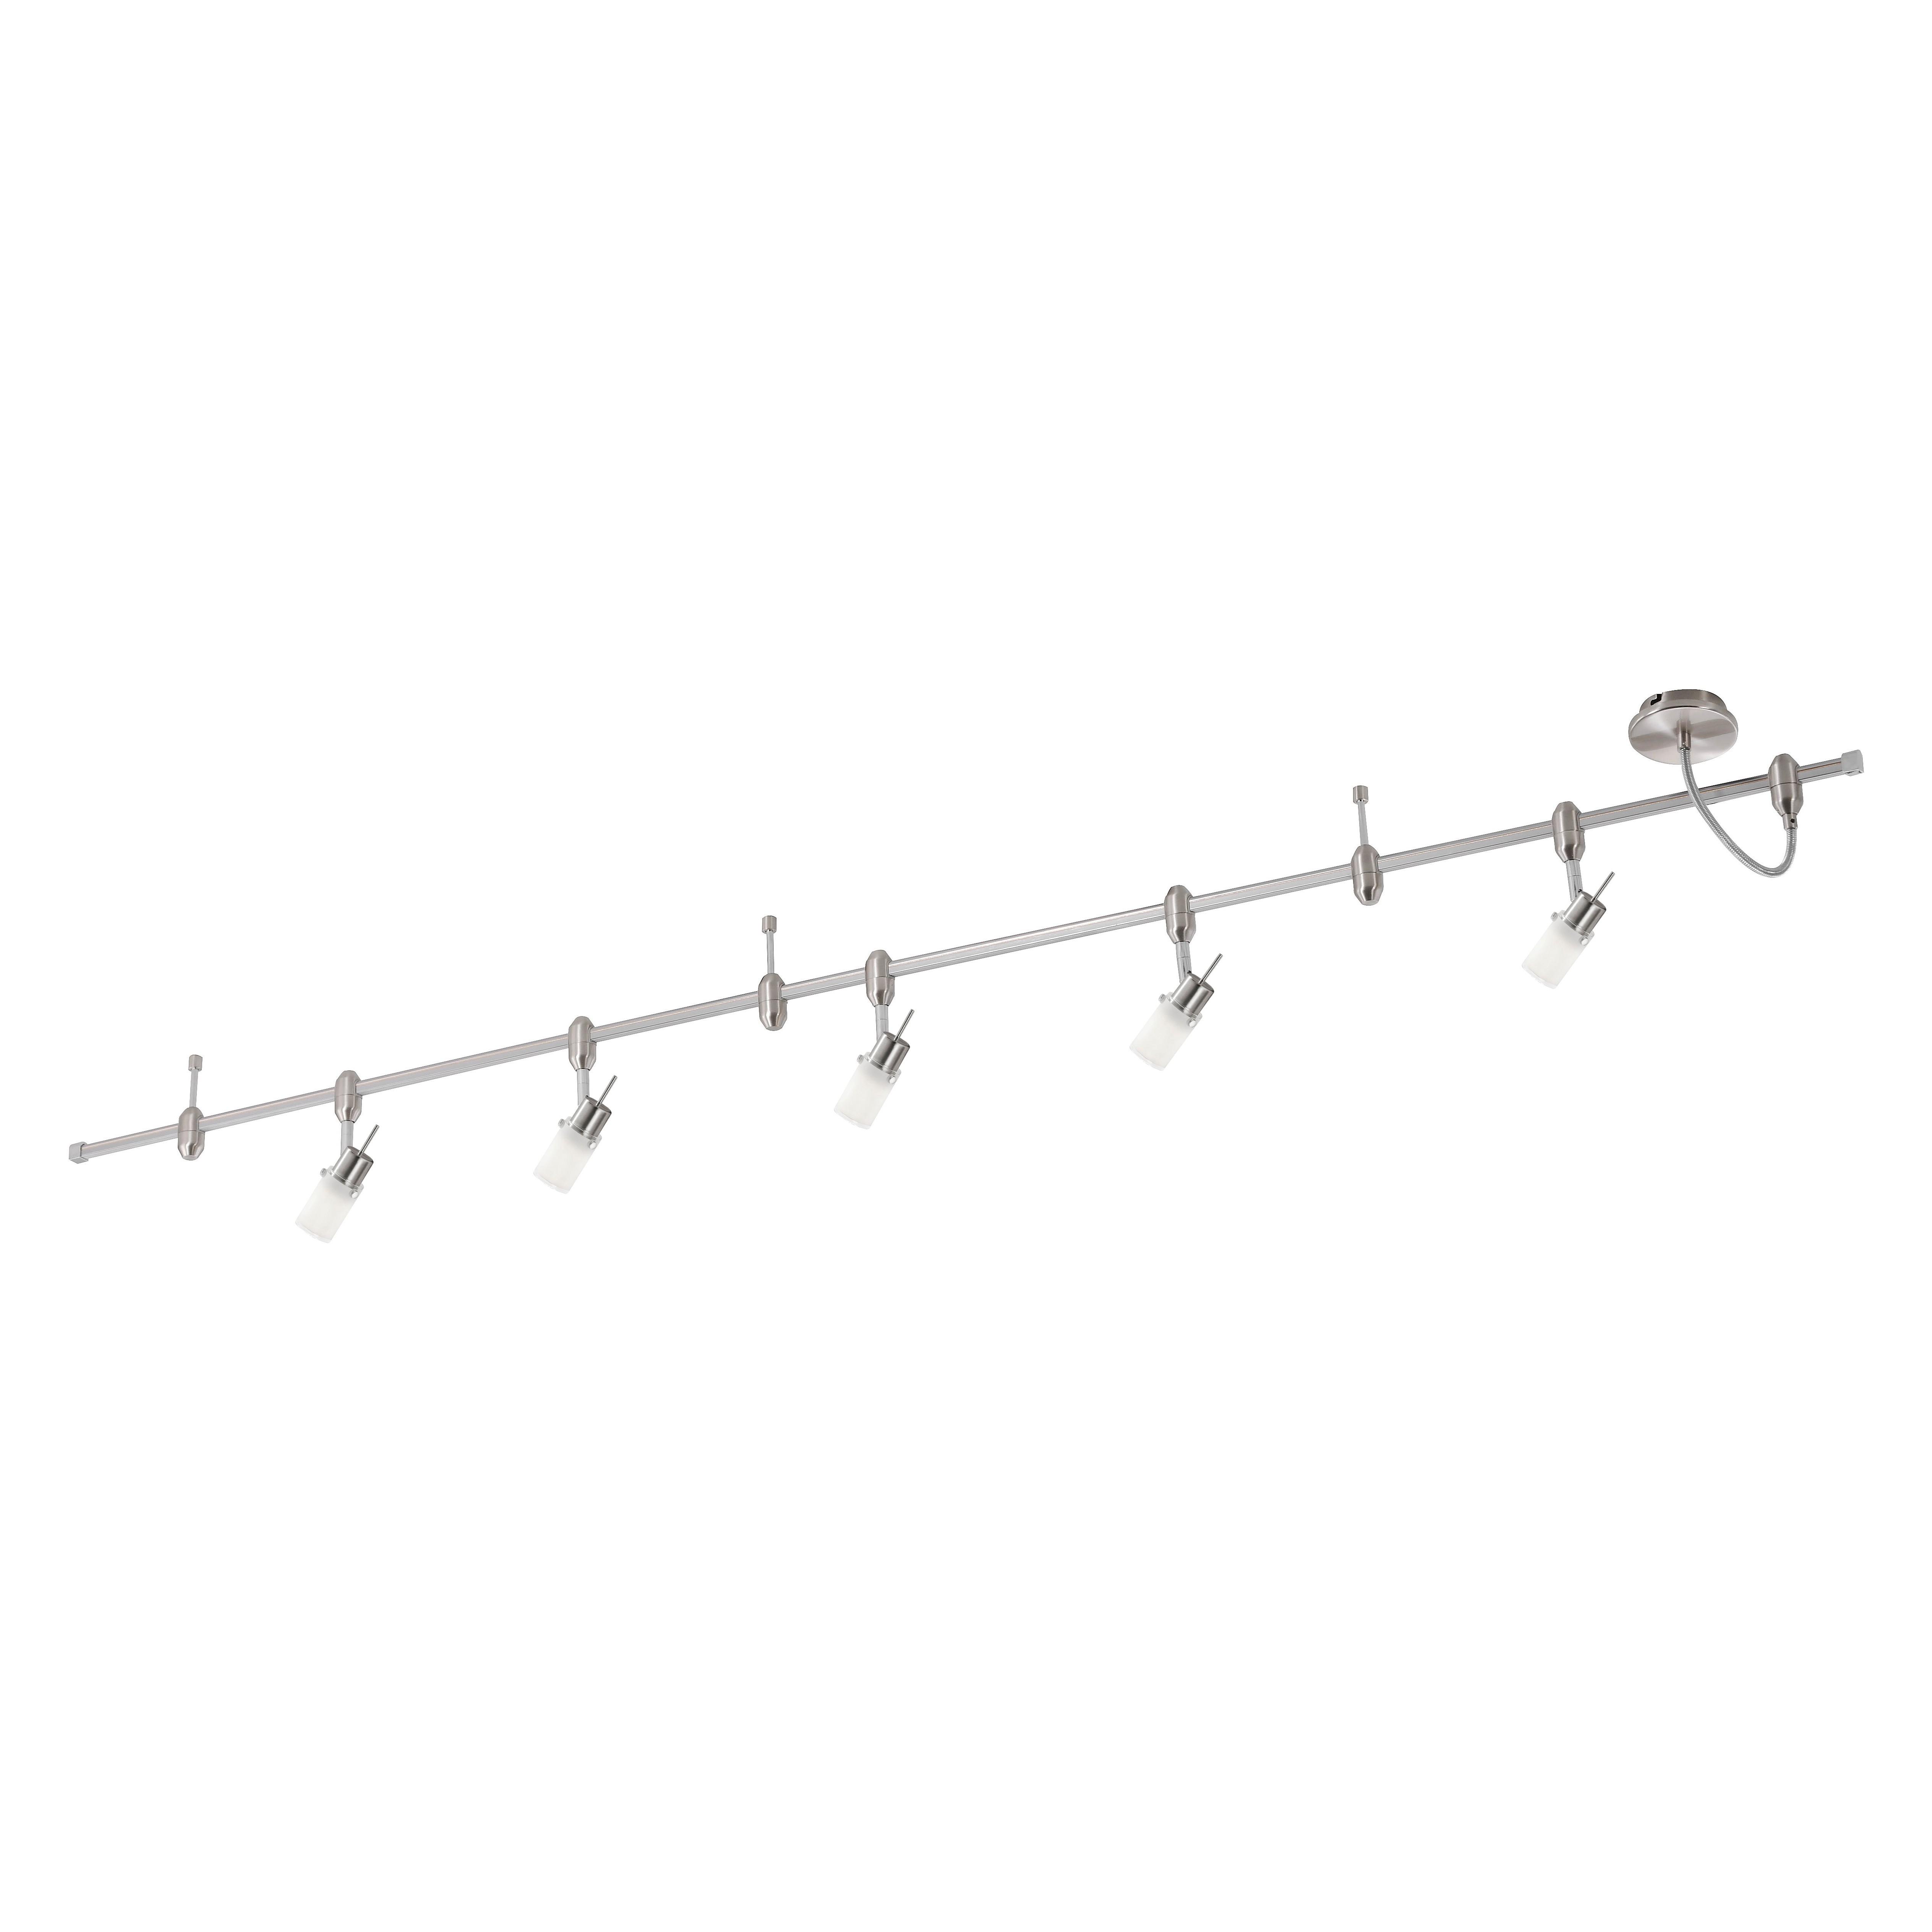 Deckenleuchte Schienensystem GRANBY – Stahl/Glas – 5-flammig, Paul Neuhaus günstig